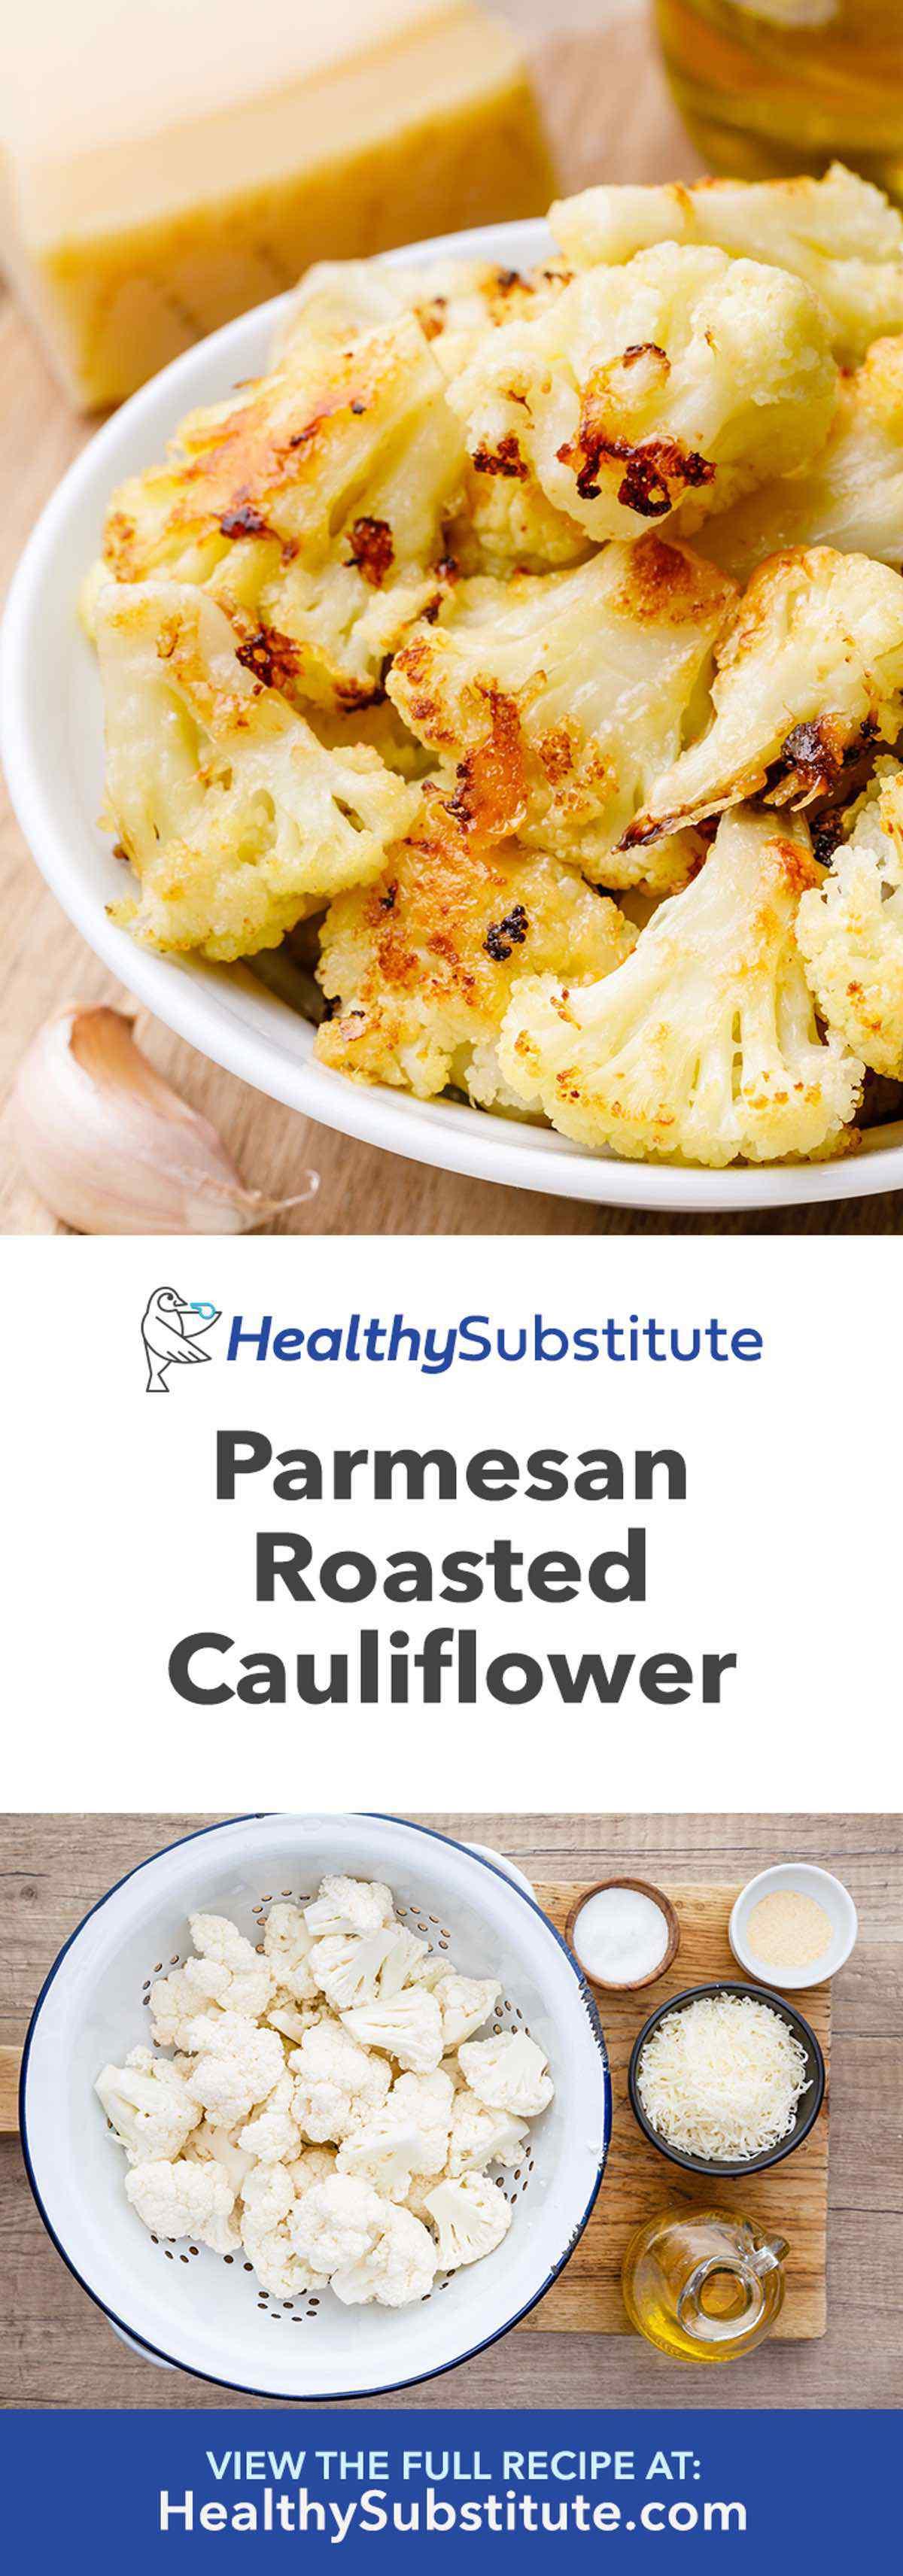 Parmesan Roasted Cauliflower Bites